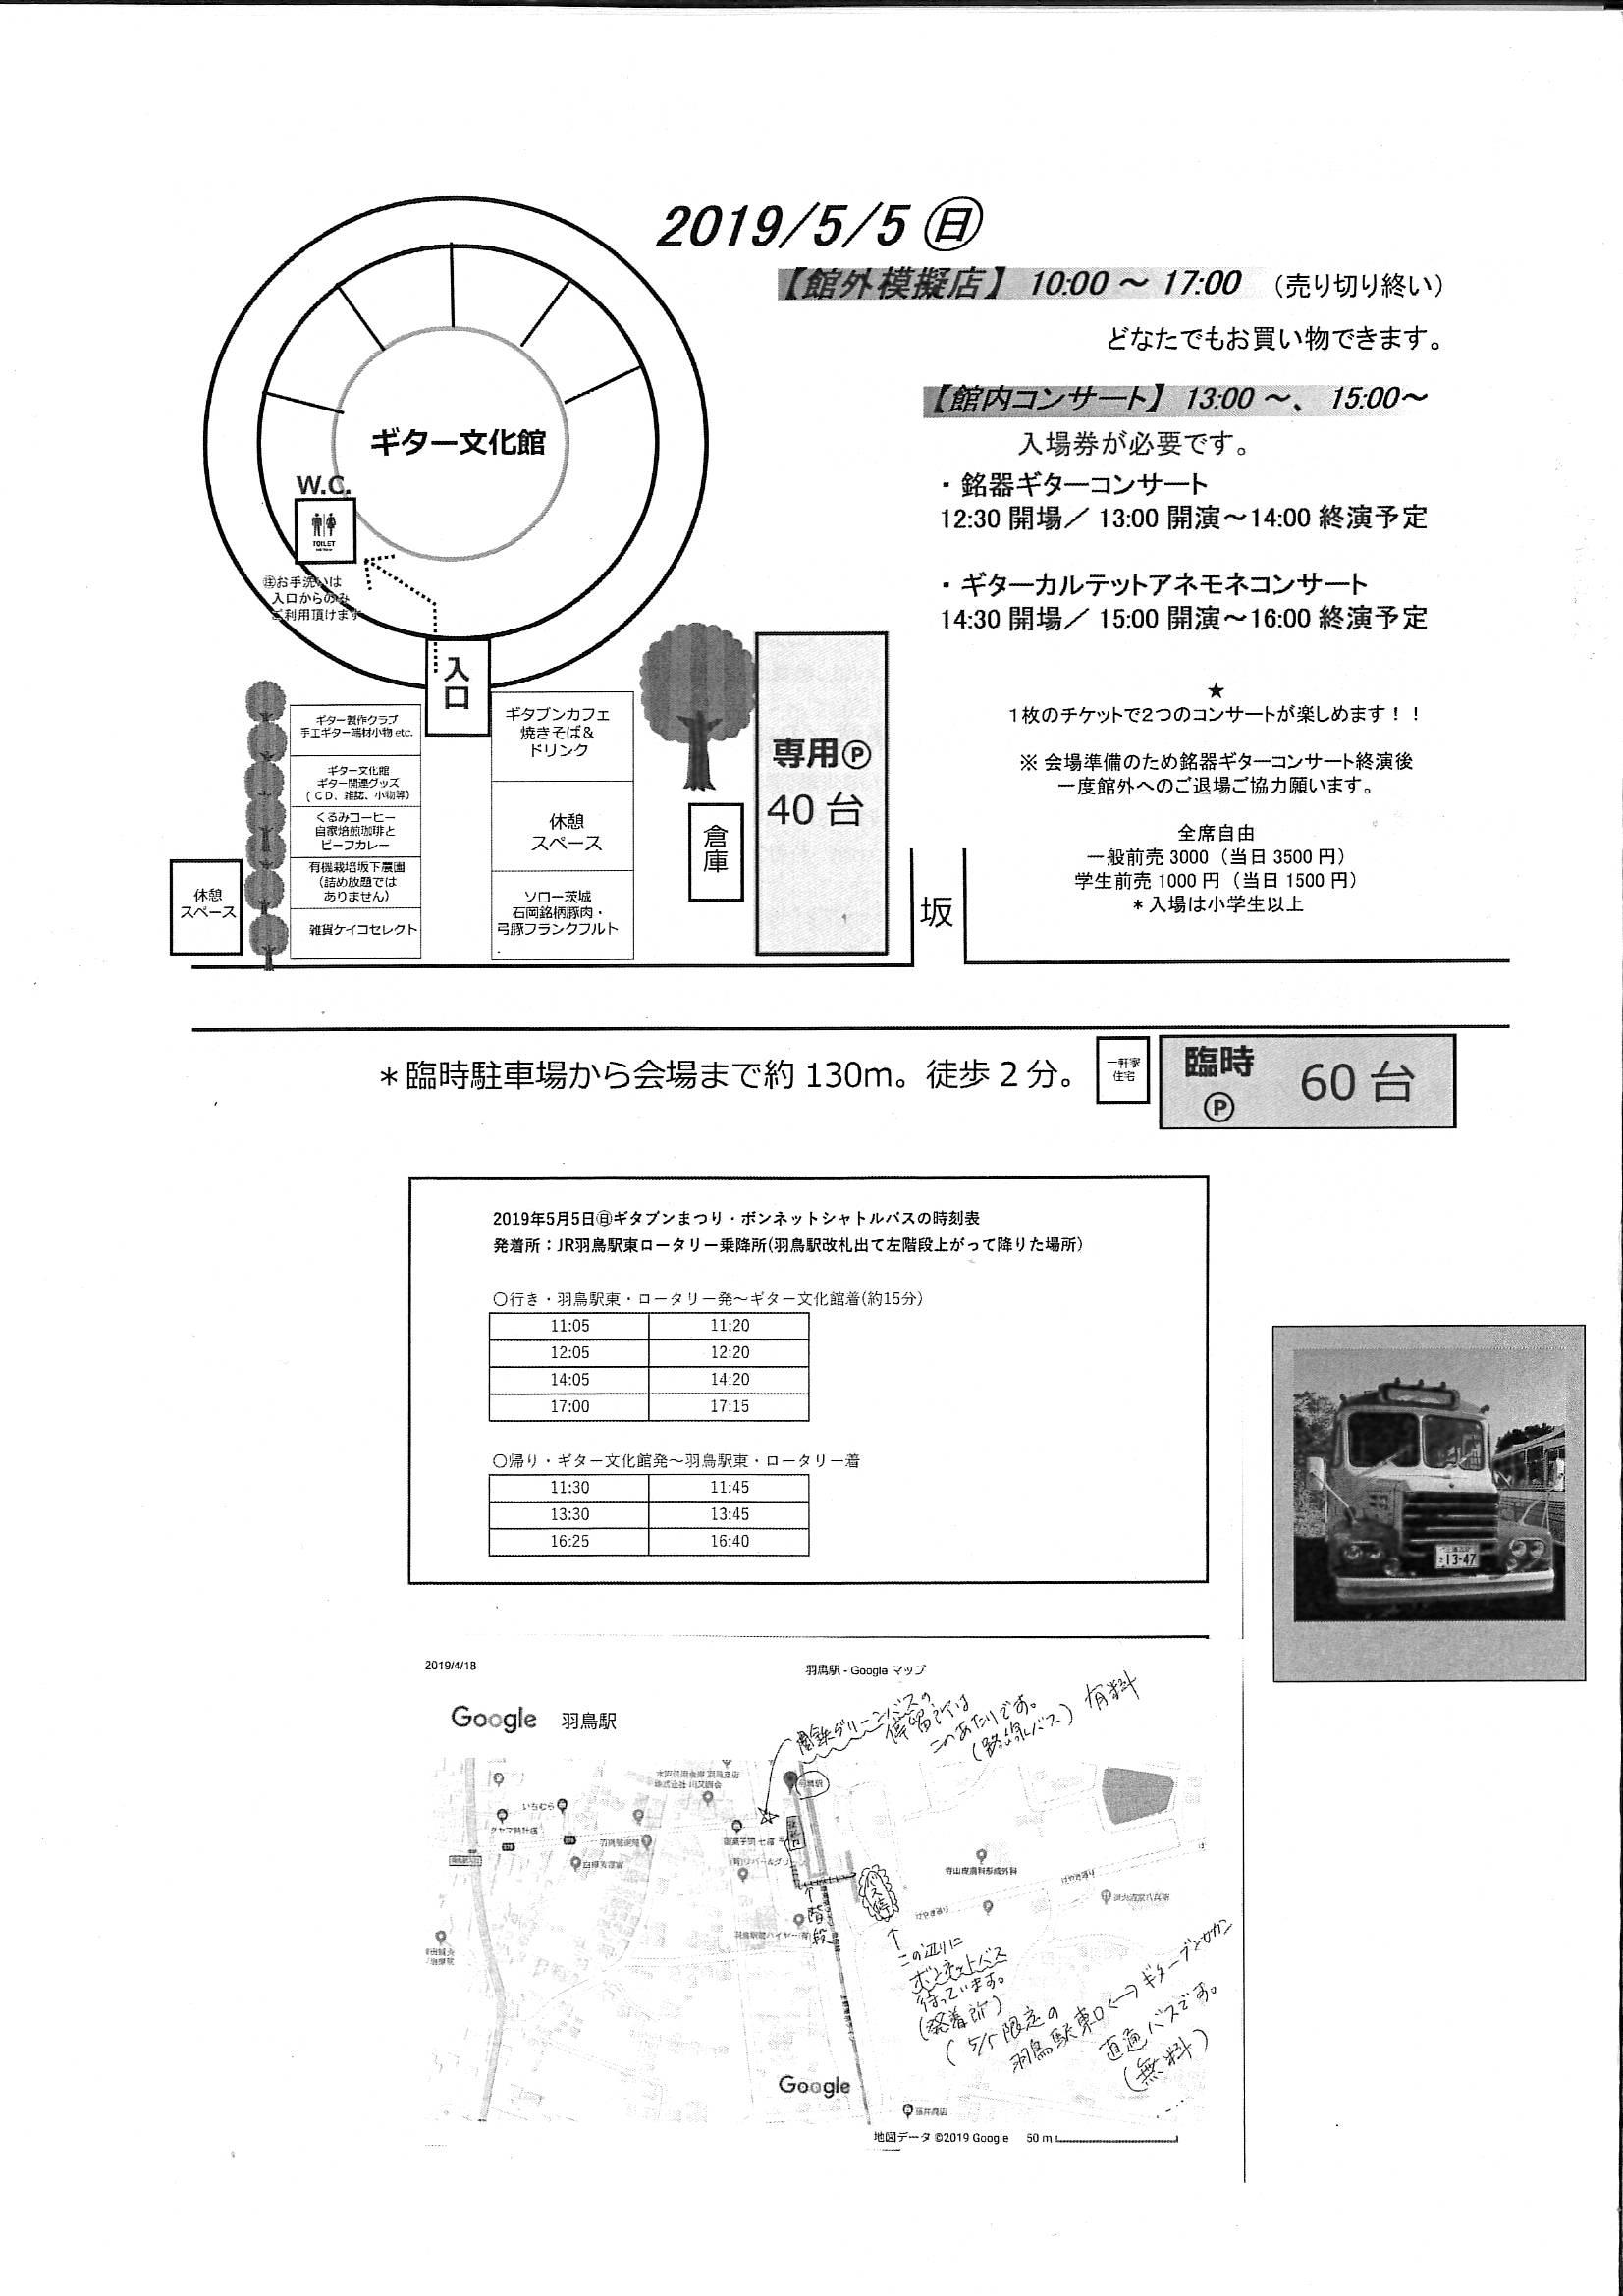 MX-2310F_20190507_174624_002.jpg